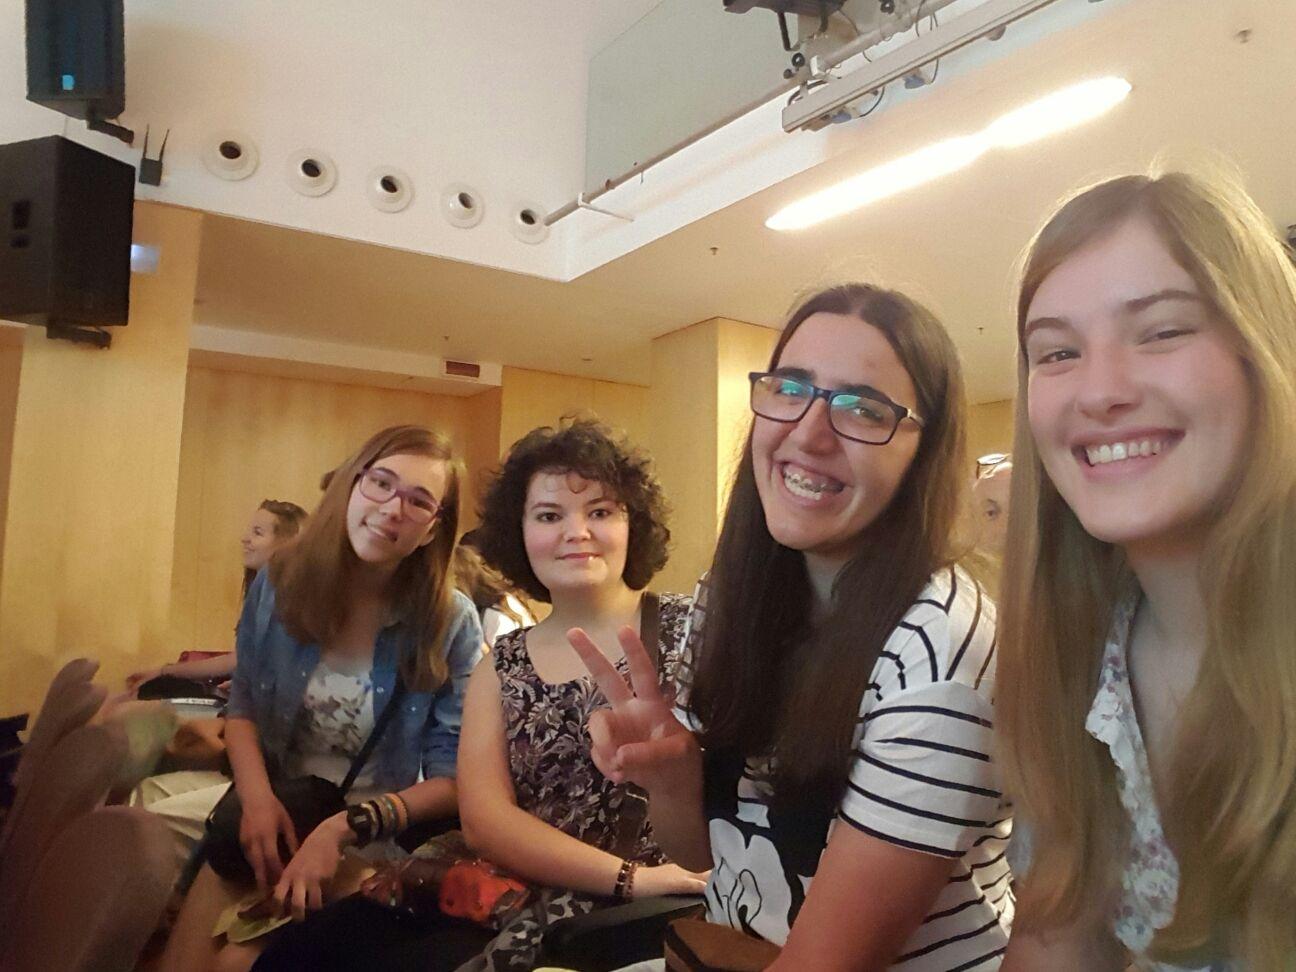 D'esquerra a dreta, Alona, Mixa, Irene i Mauqui